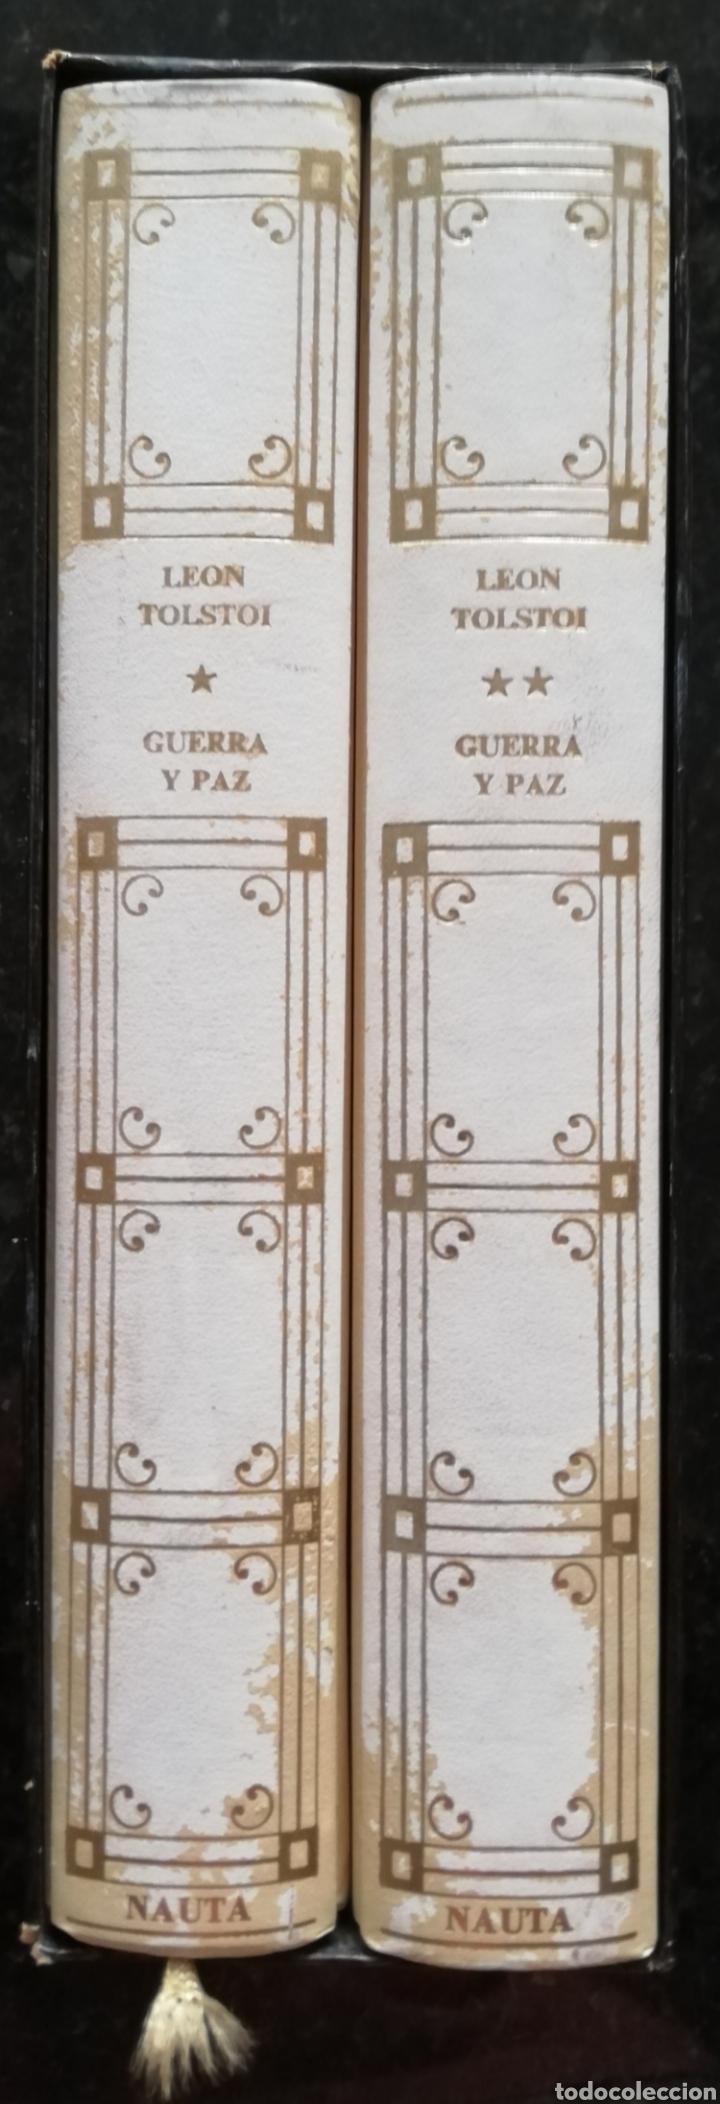 Libros de segunda mano: GUERRA Y PAZ - 1971 - LEÓN TOLSTOI - ED. NAUTA - DOS VOLÚMENES CON ESTUCHE - ILUSTRADO - Foto 5 - 218544497